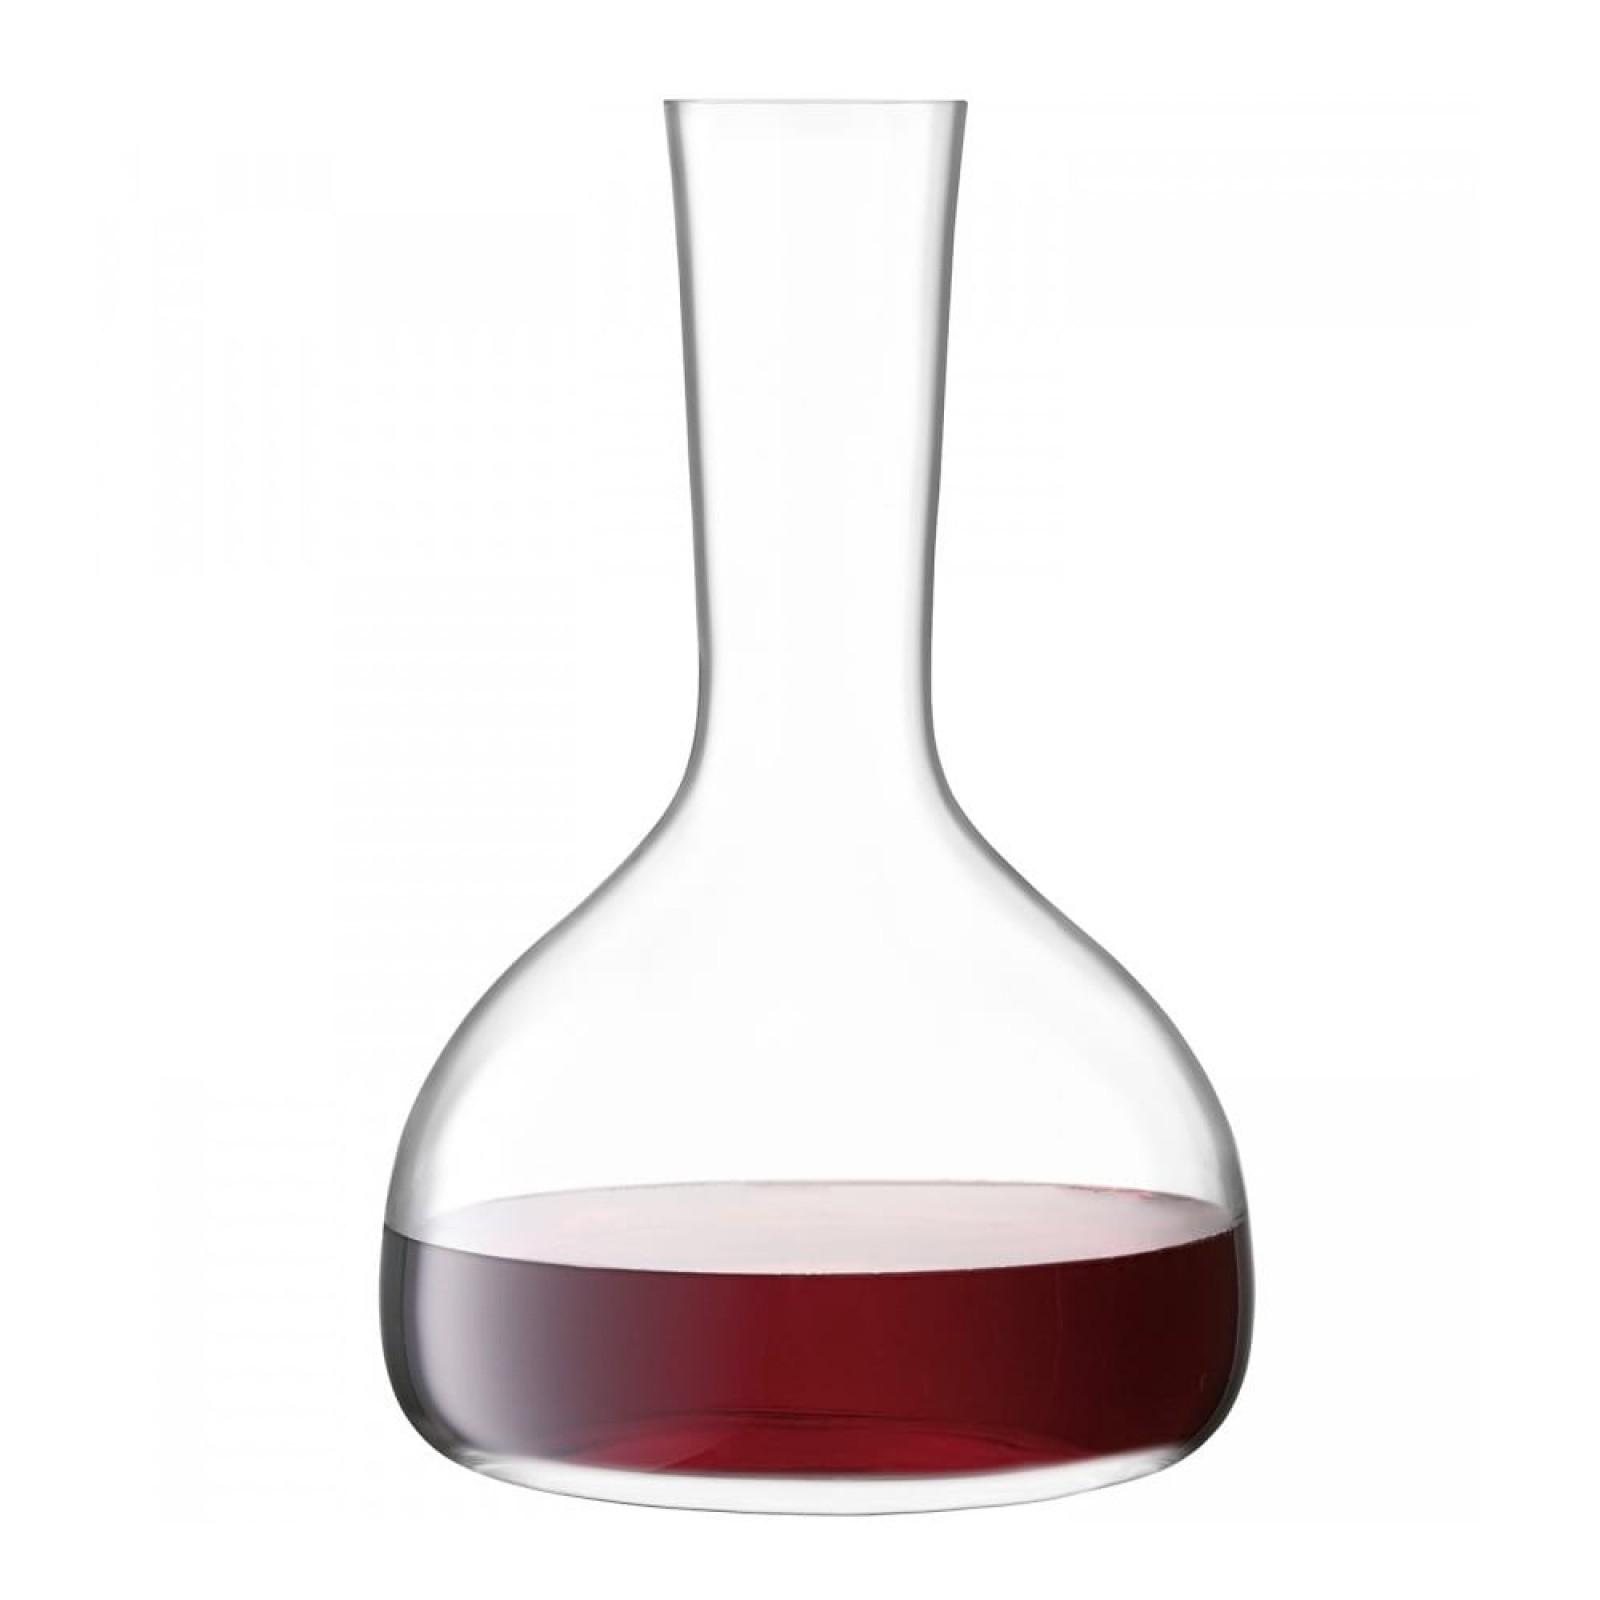 Γυάλινη Καράφα Κρασιού Borough 1,75 Λίτρα - LSA